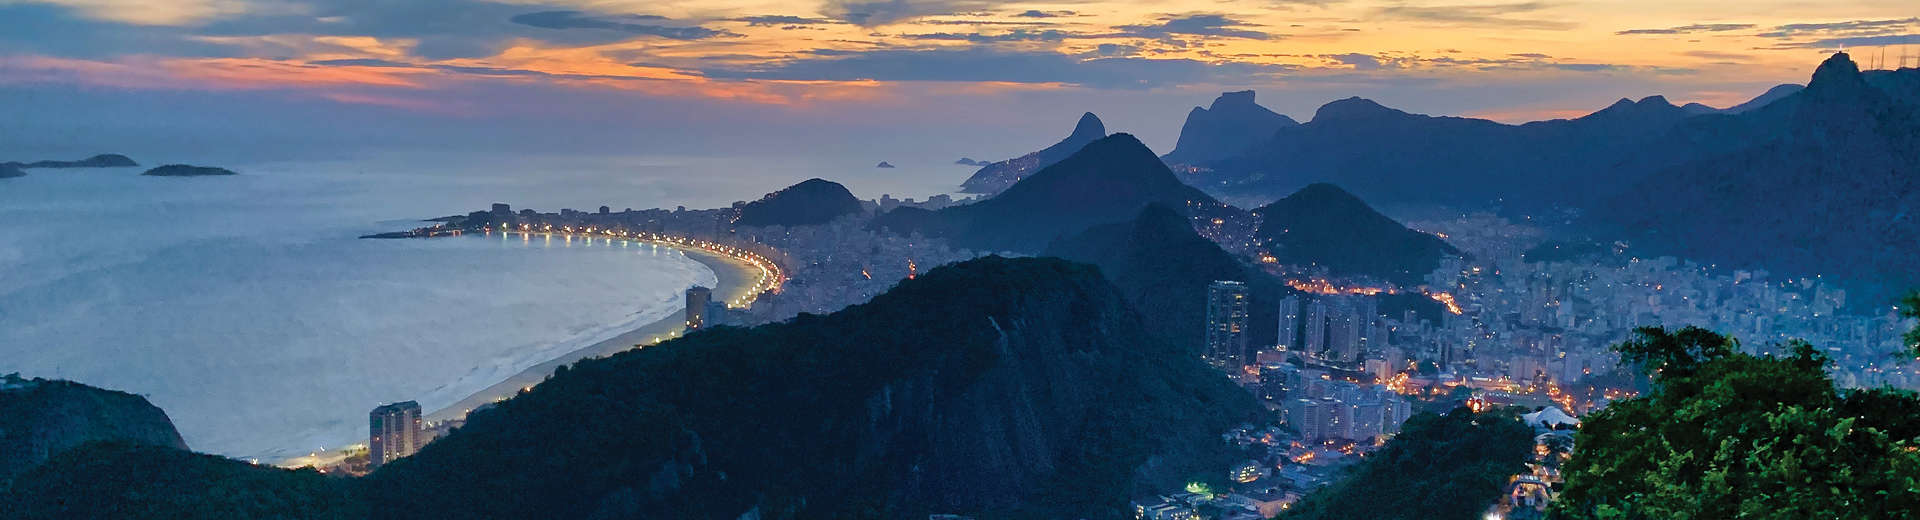 brazil insider journey